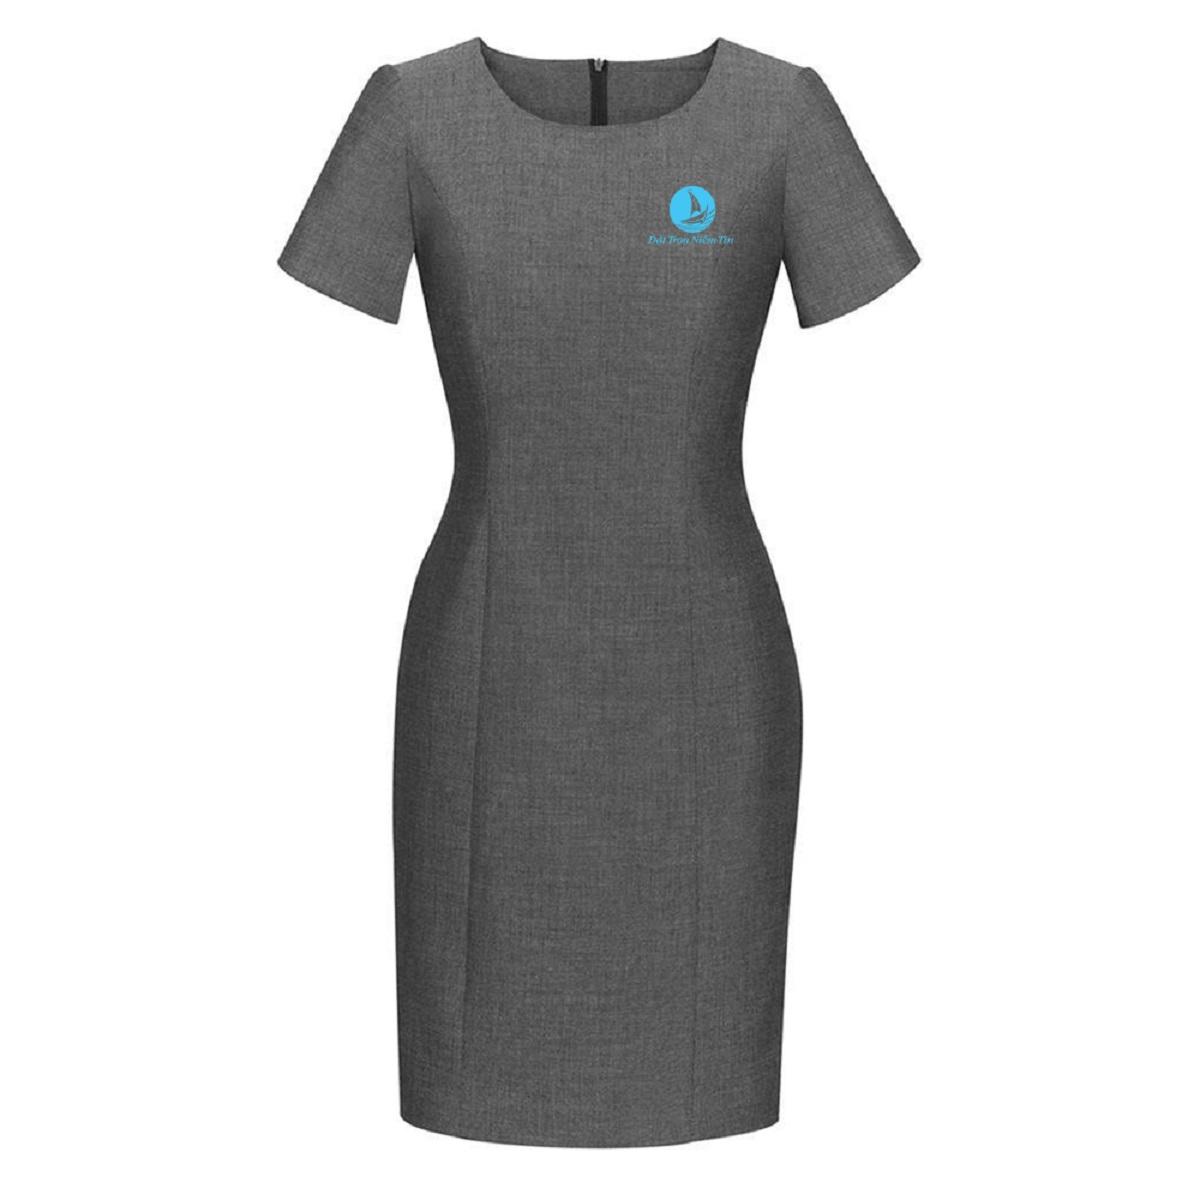 Chiếc váy liền có tay vừa lịch sự lại tôn lên sự uy nghiêm của một người quản lý